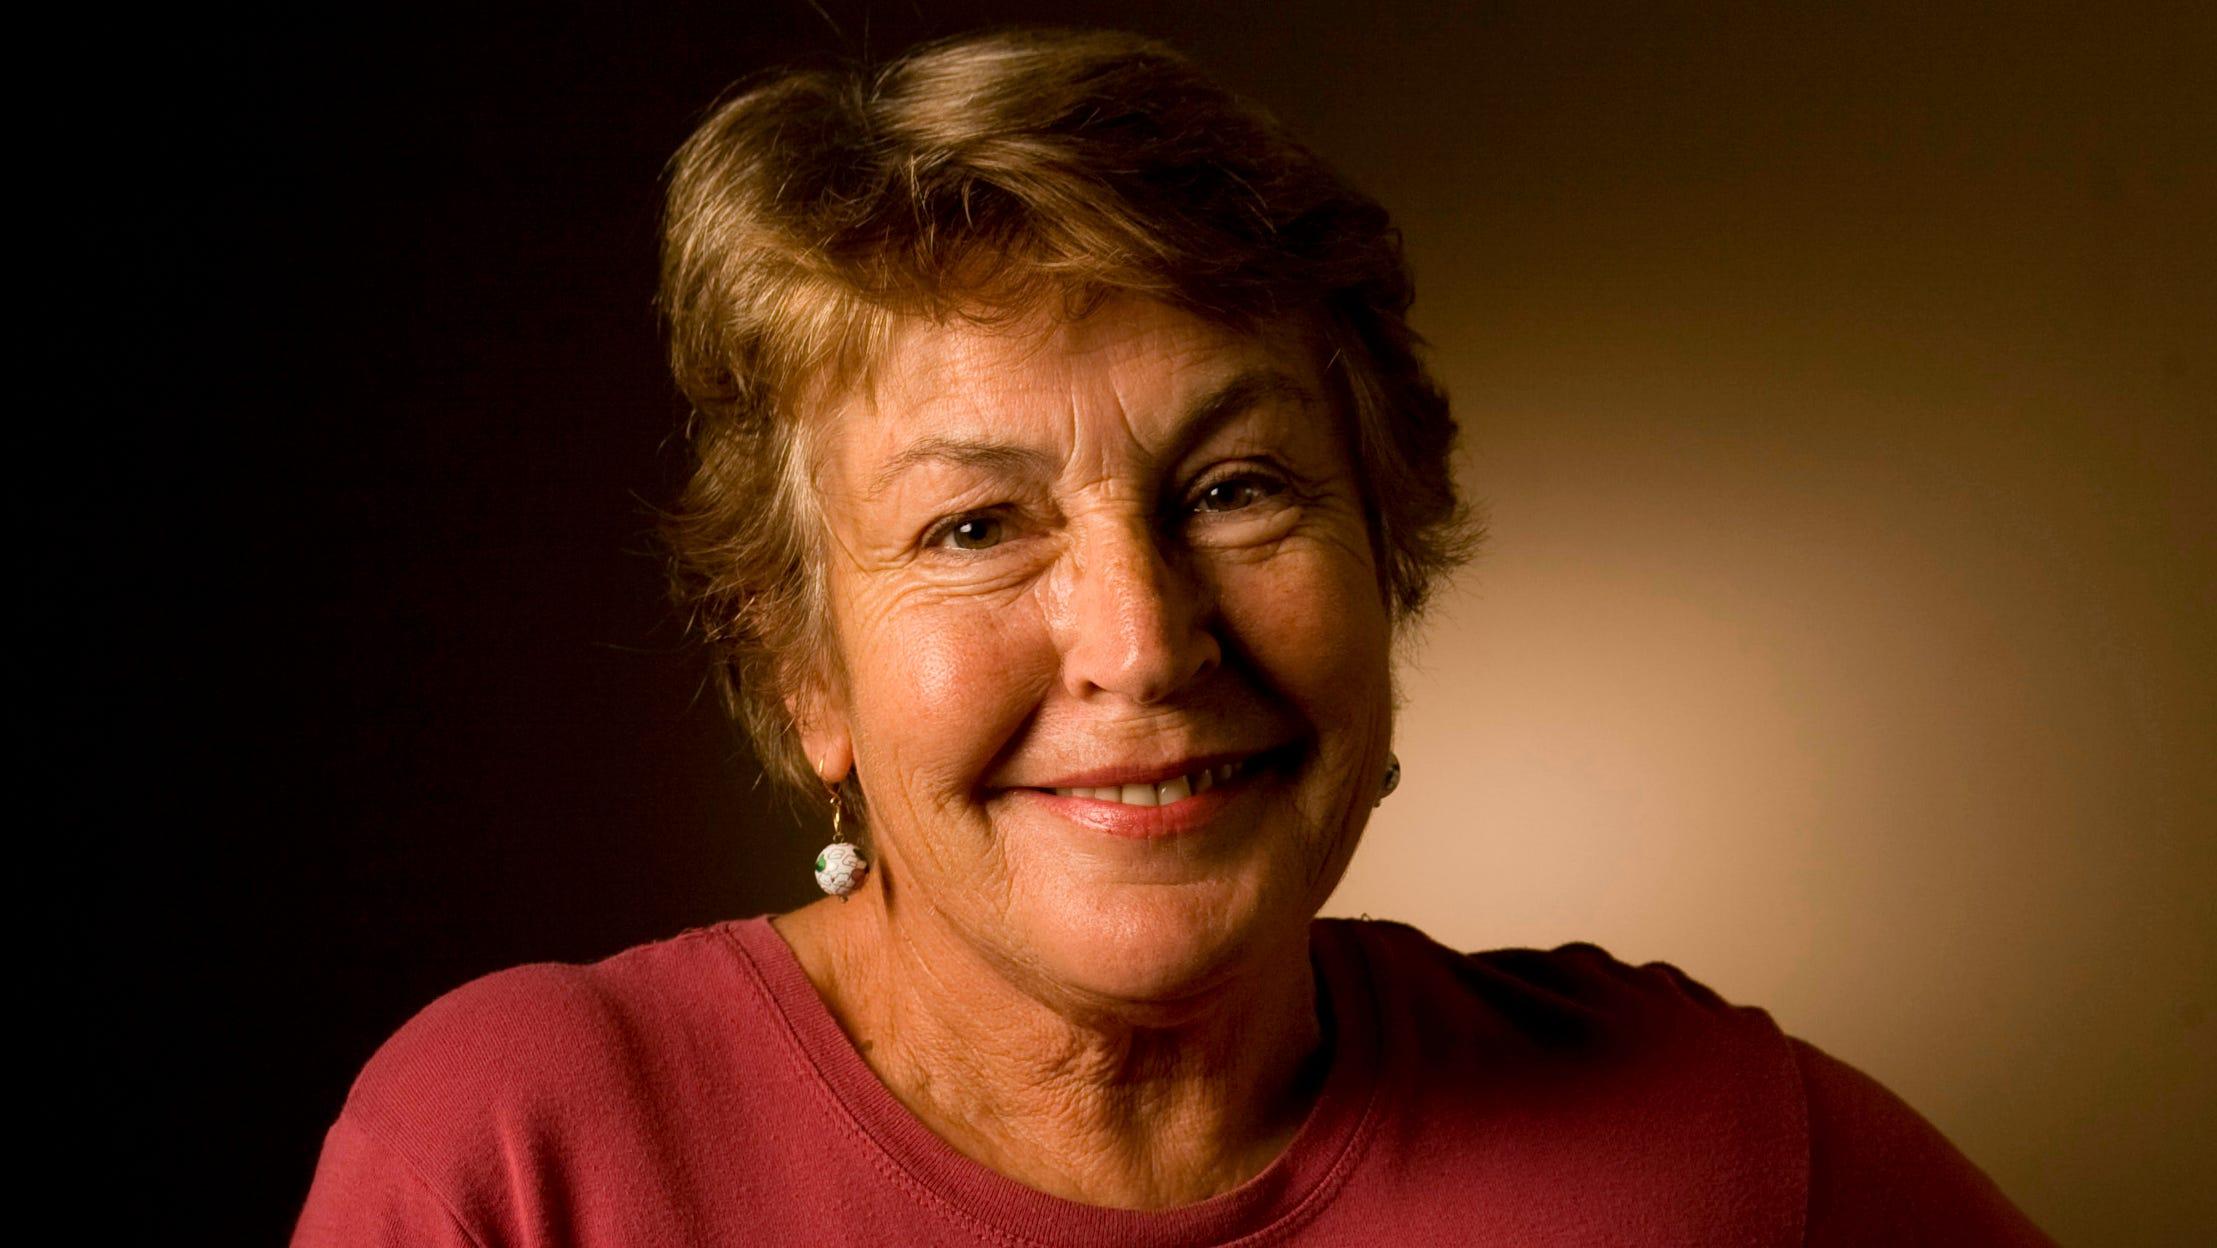 I Am Woman singer Helen Reddy dies at 78 in Los Angeles